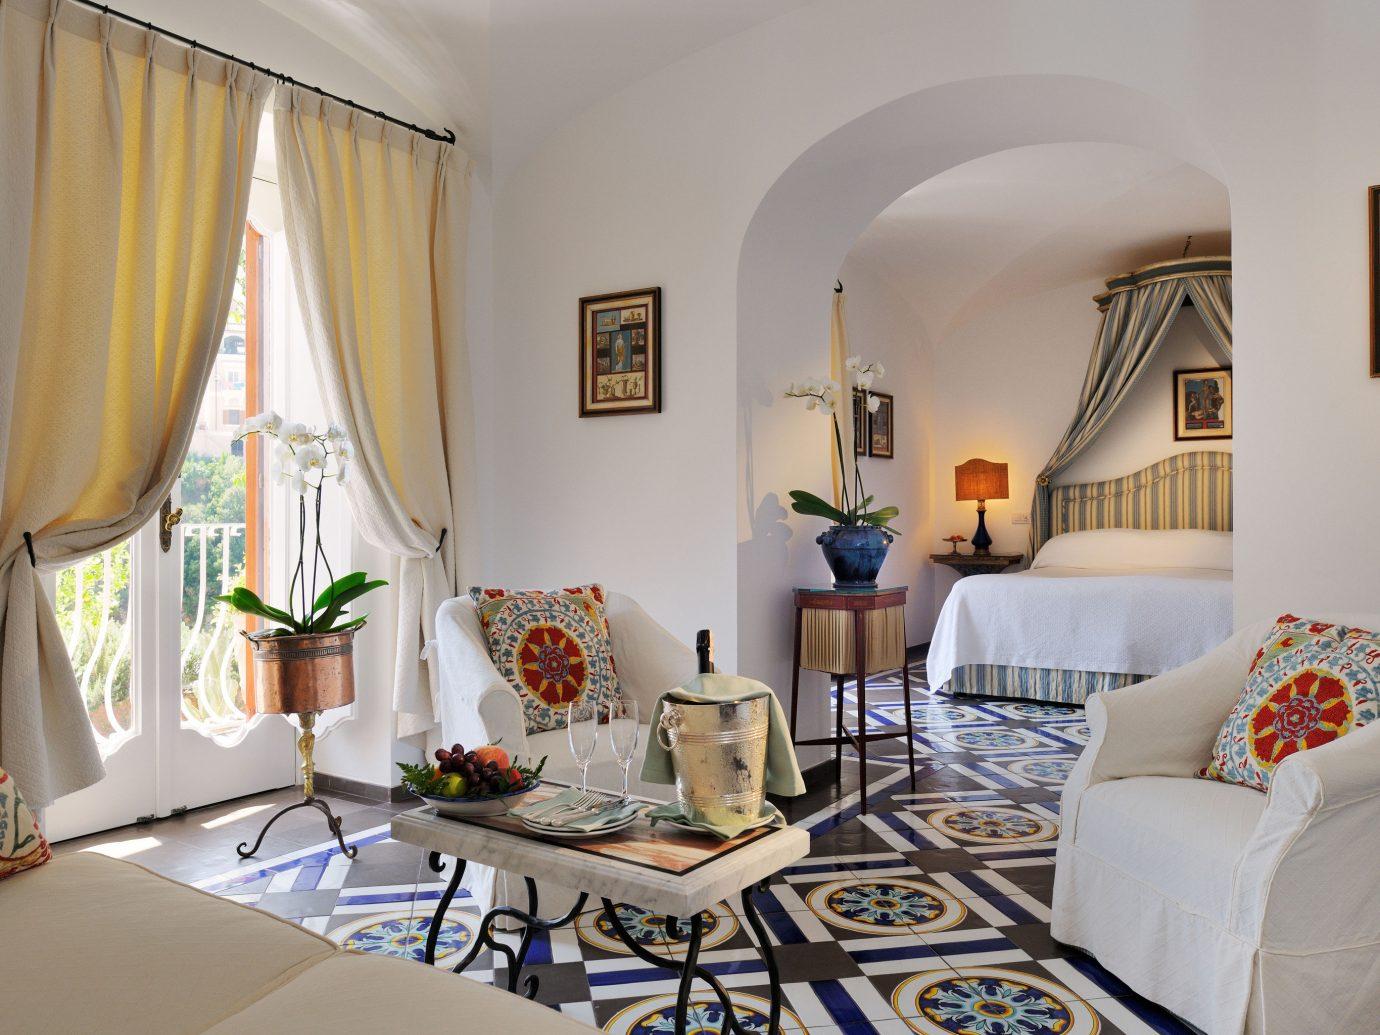 Bedroom at Le Sirenuse Positano, Italy